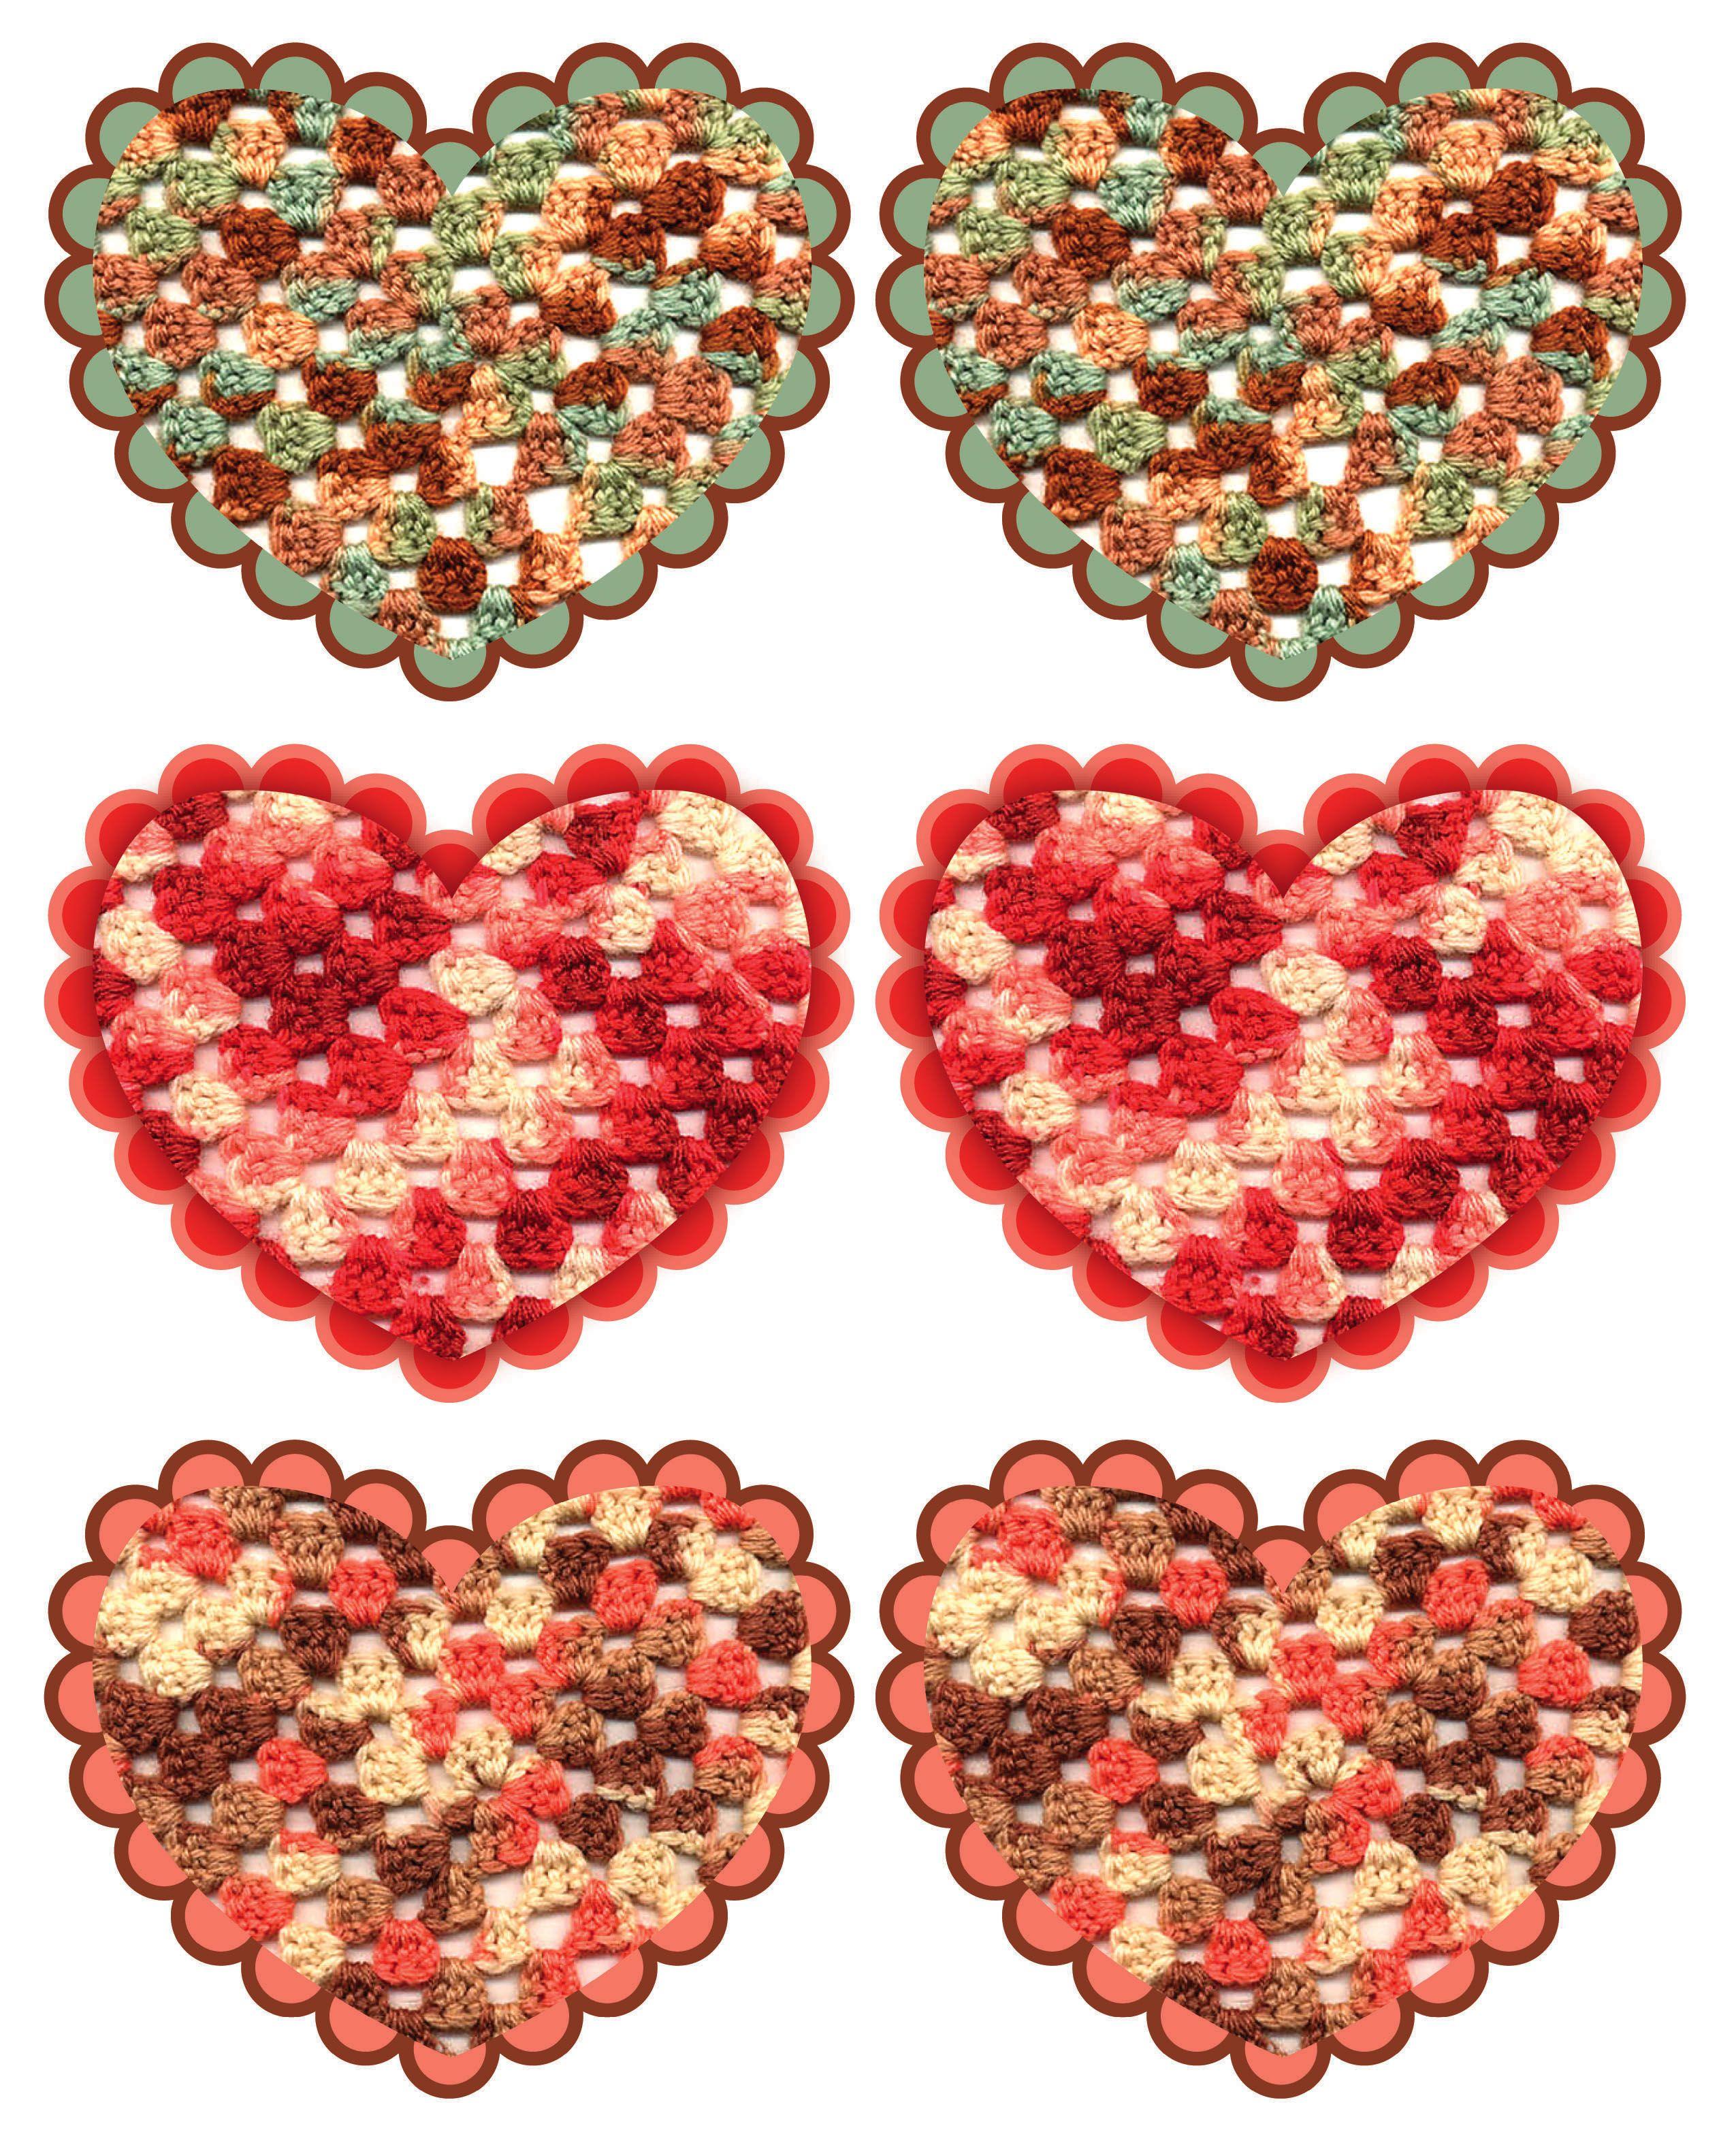 Image detail for -crochet heart garland1 242x300 crochet heart ...